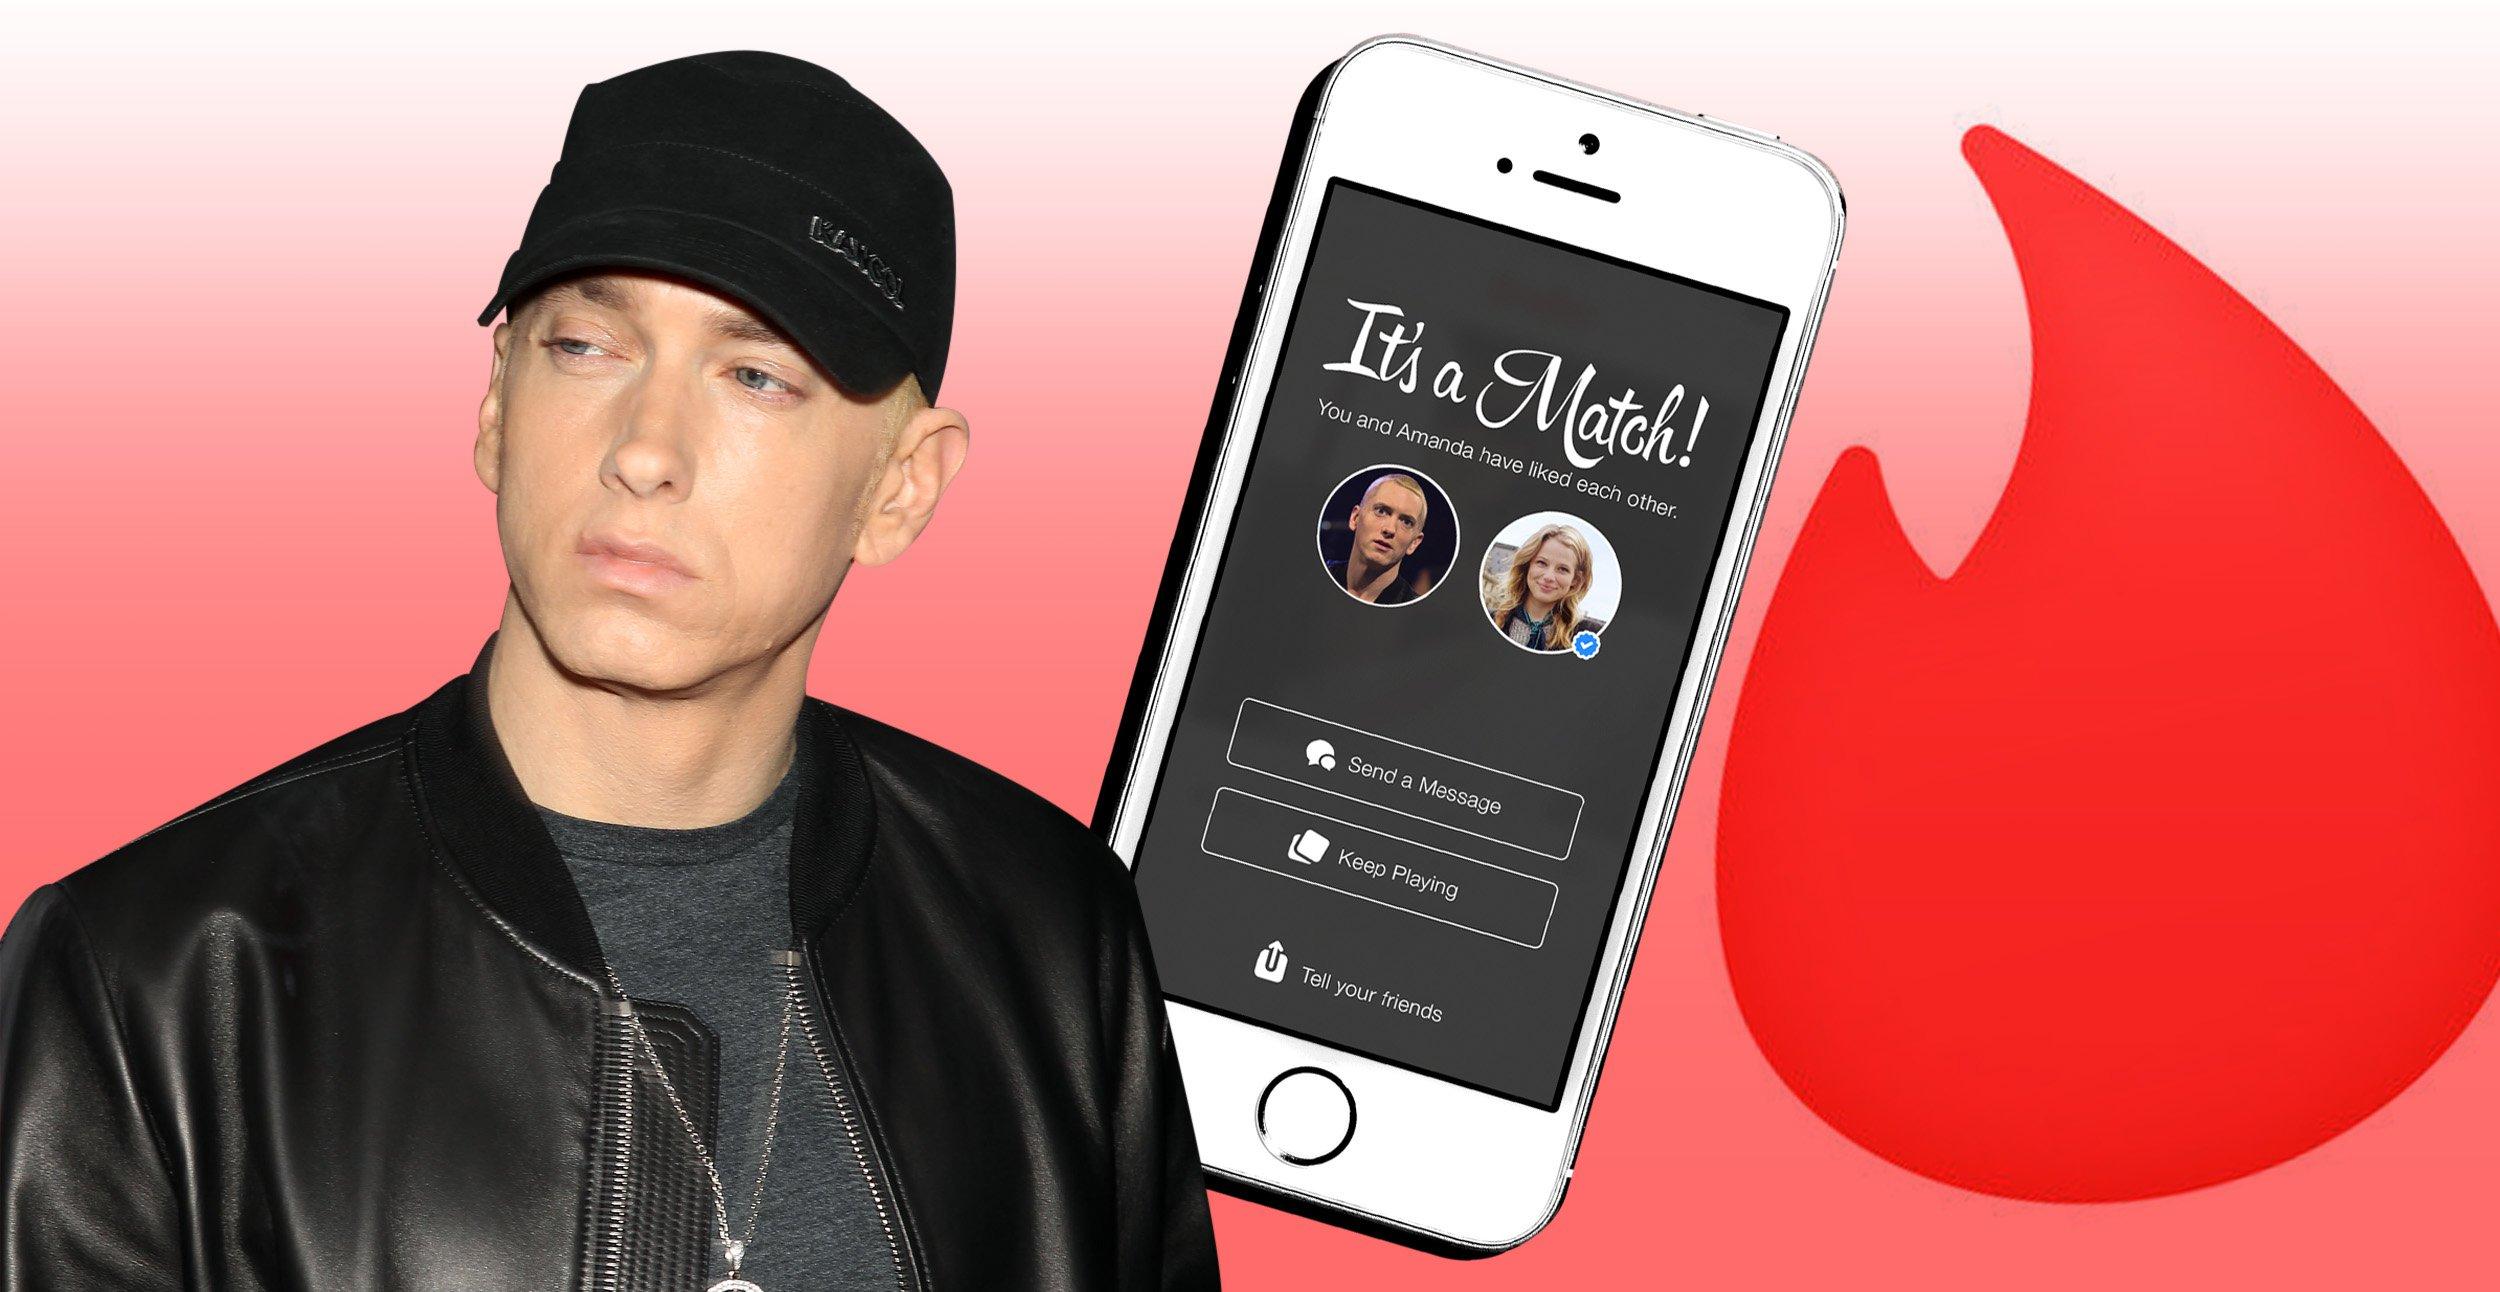 No Eminem isn't really on Grindr – or Tinder for that matter